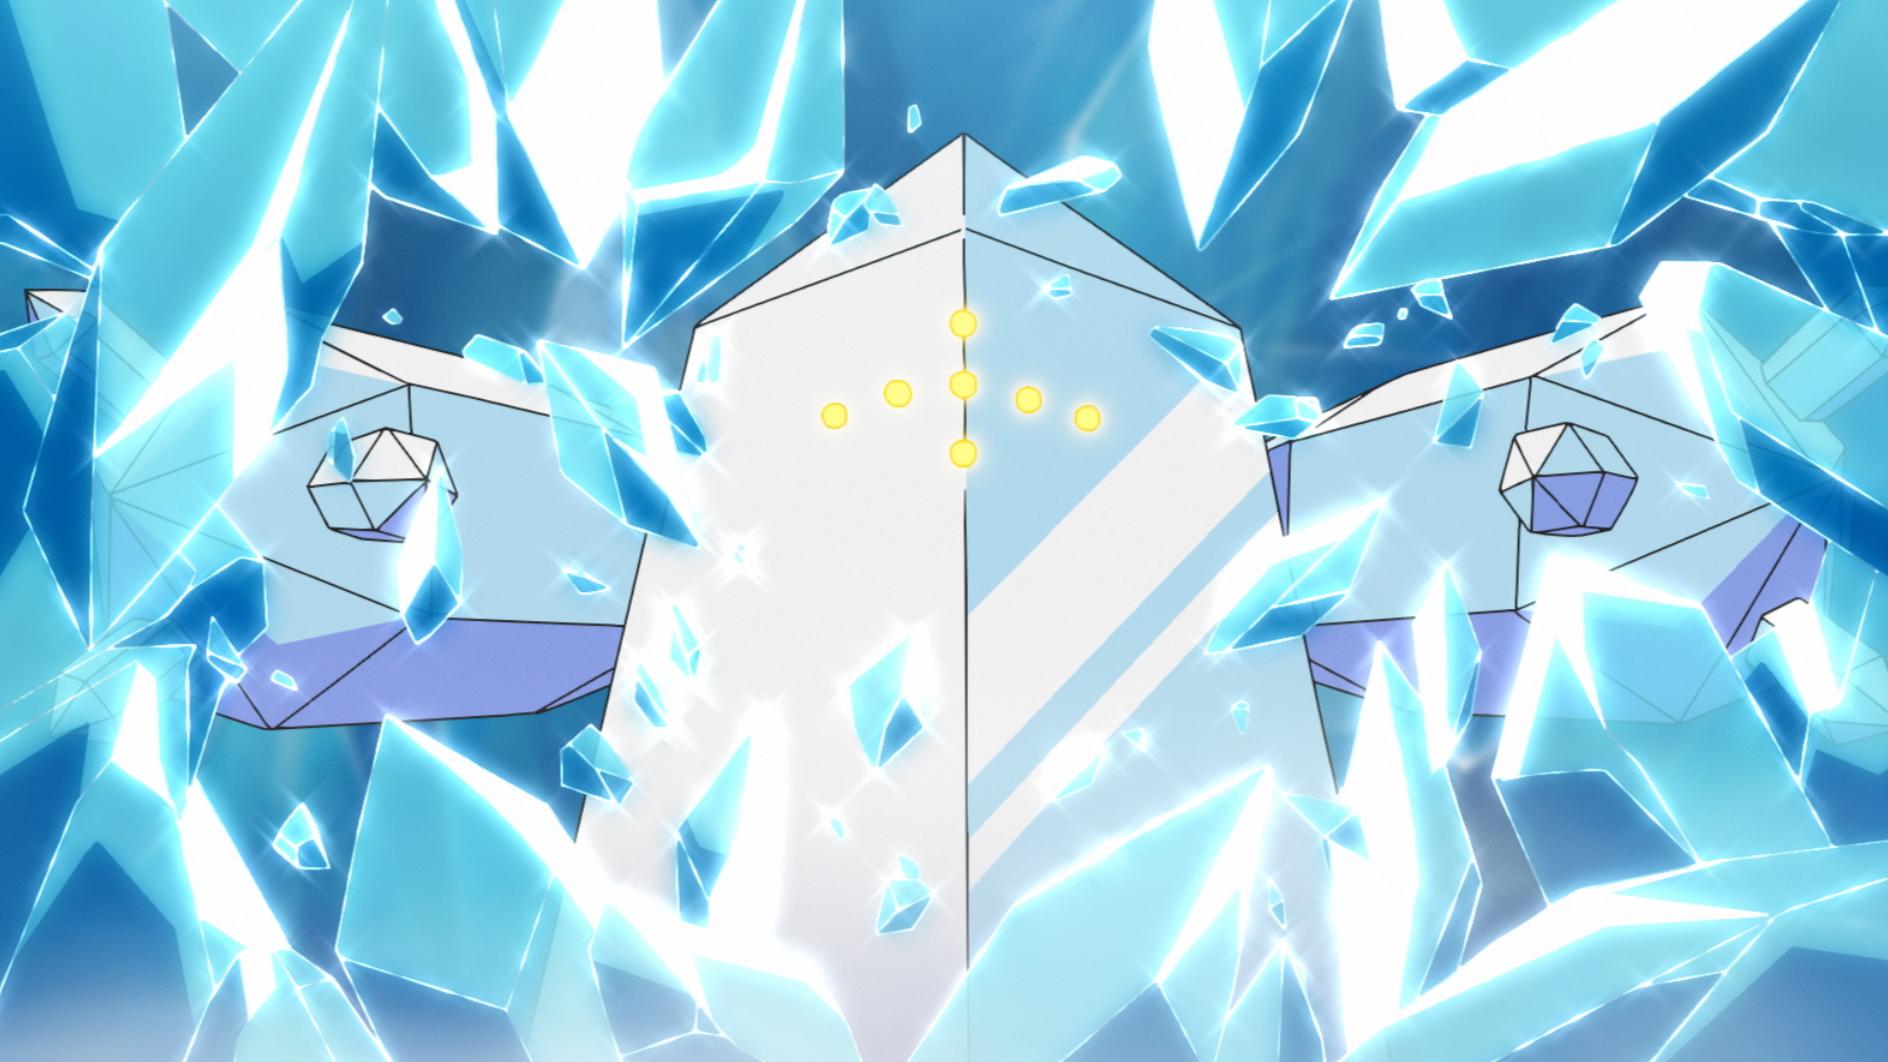 レジアイス (C) Nintendo・Creatures・GAME FREAK・TV Tokyo・ShoPro・JR Kikaku (C)  Pokémon